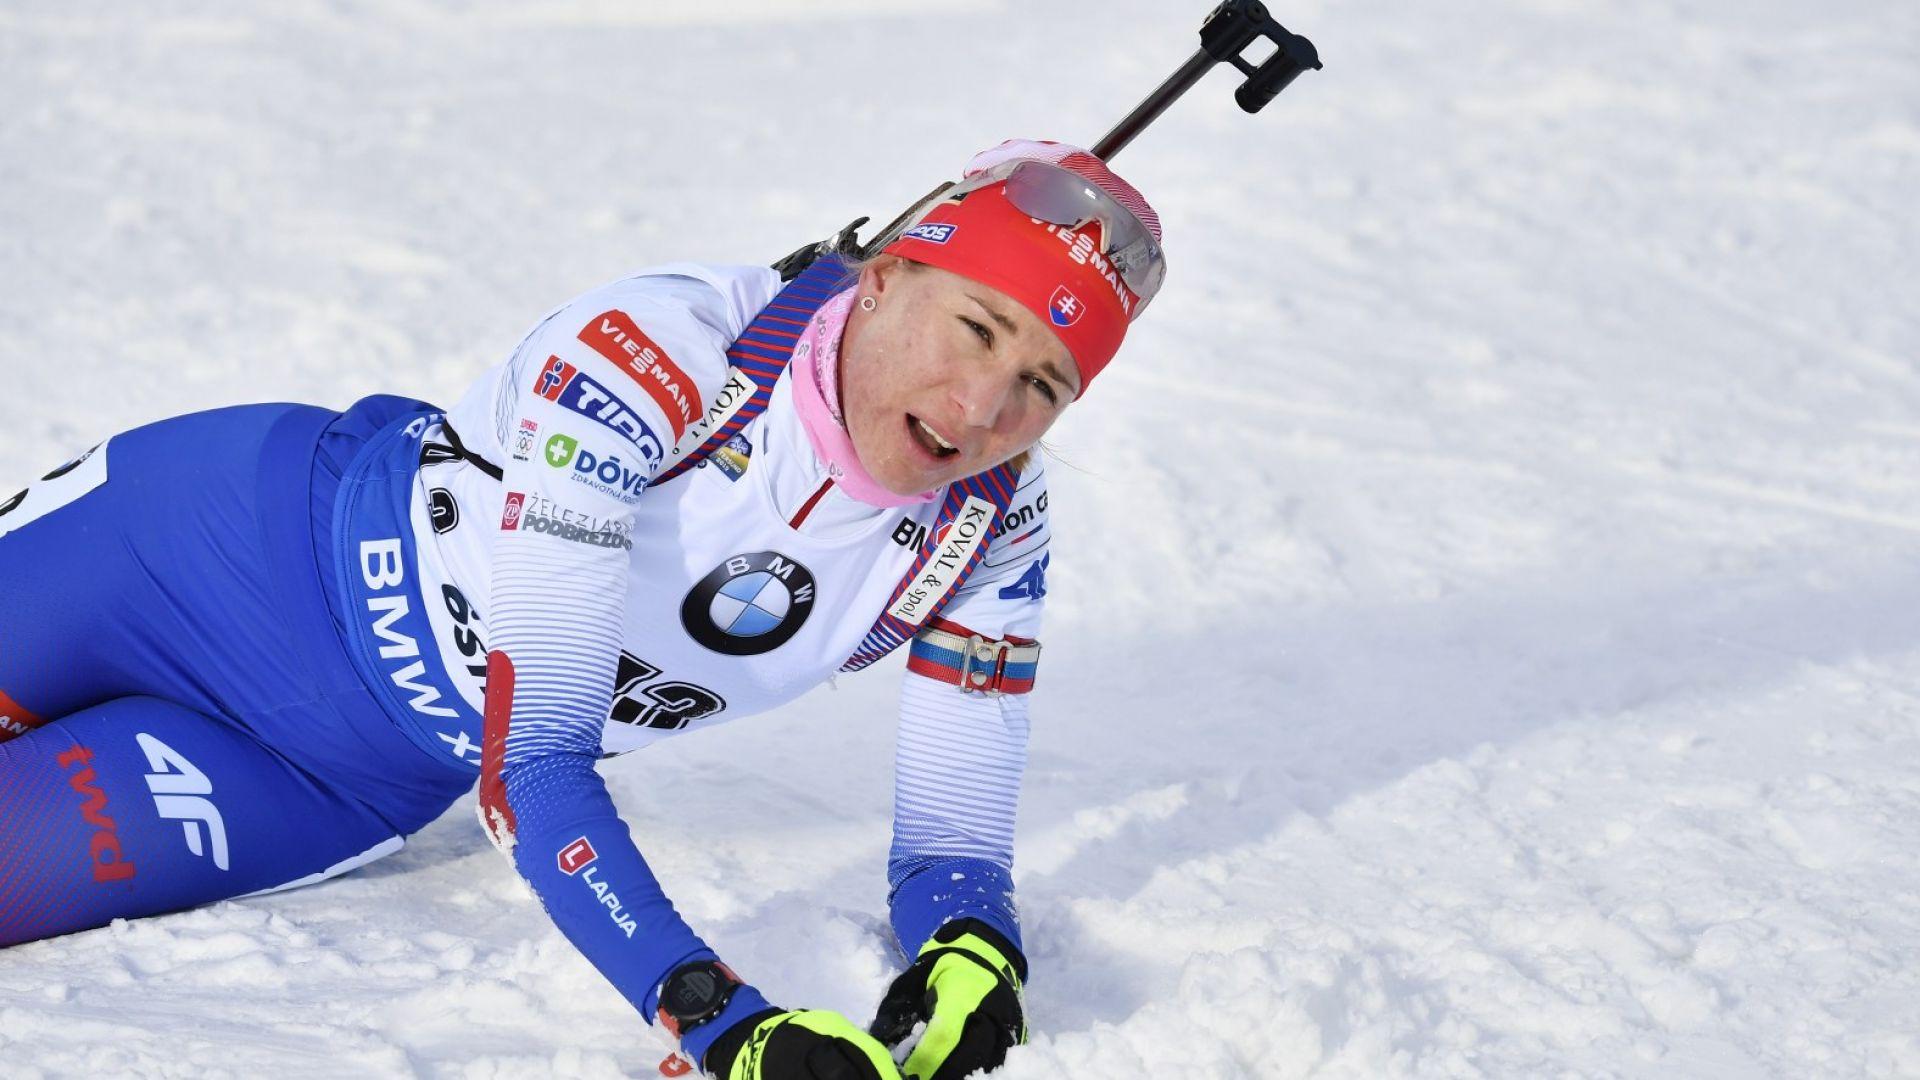 Анастасия Кузмина стана световен шампион в коронната си дисциплина